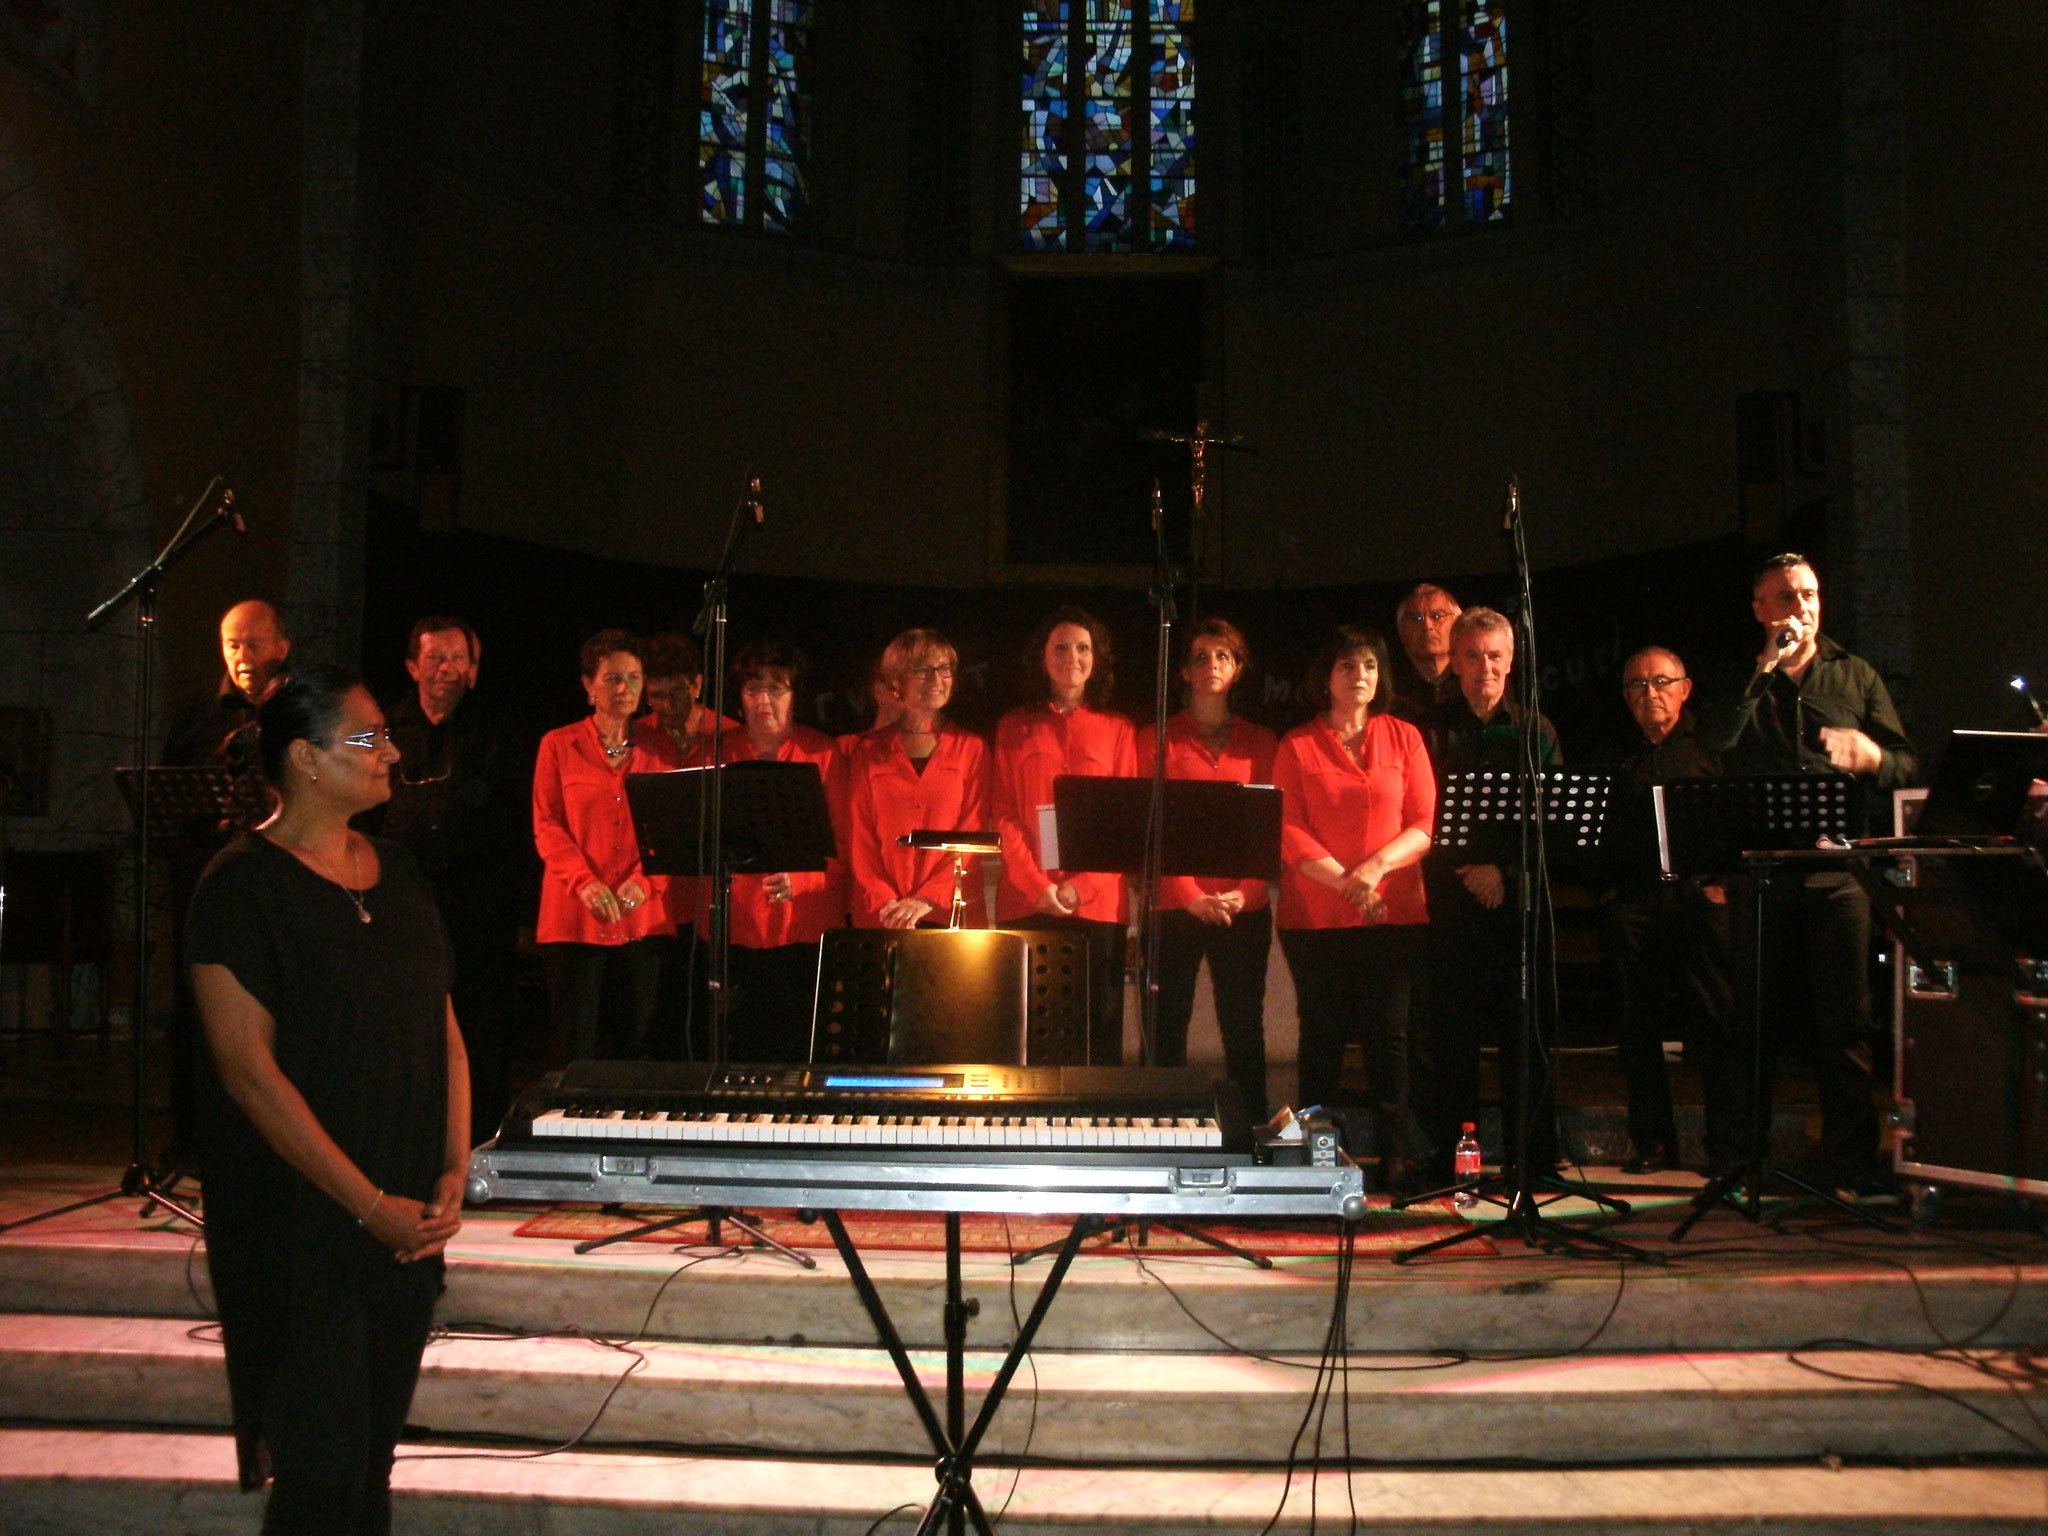 Nous avons chanté avec la chorale La Clef des Chants à l'Eglise Ste-Thérèse à Tarbes